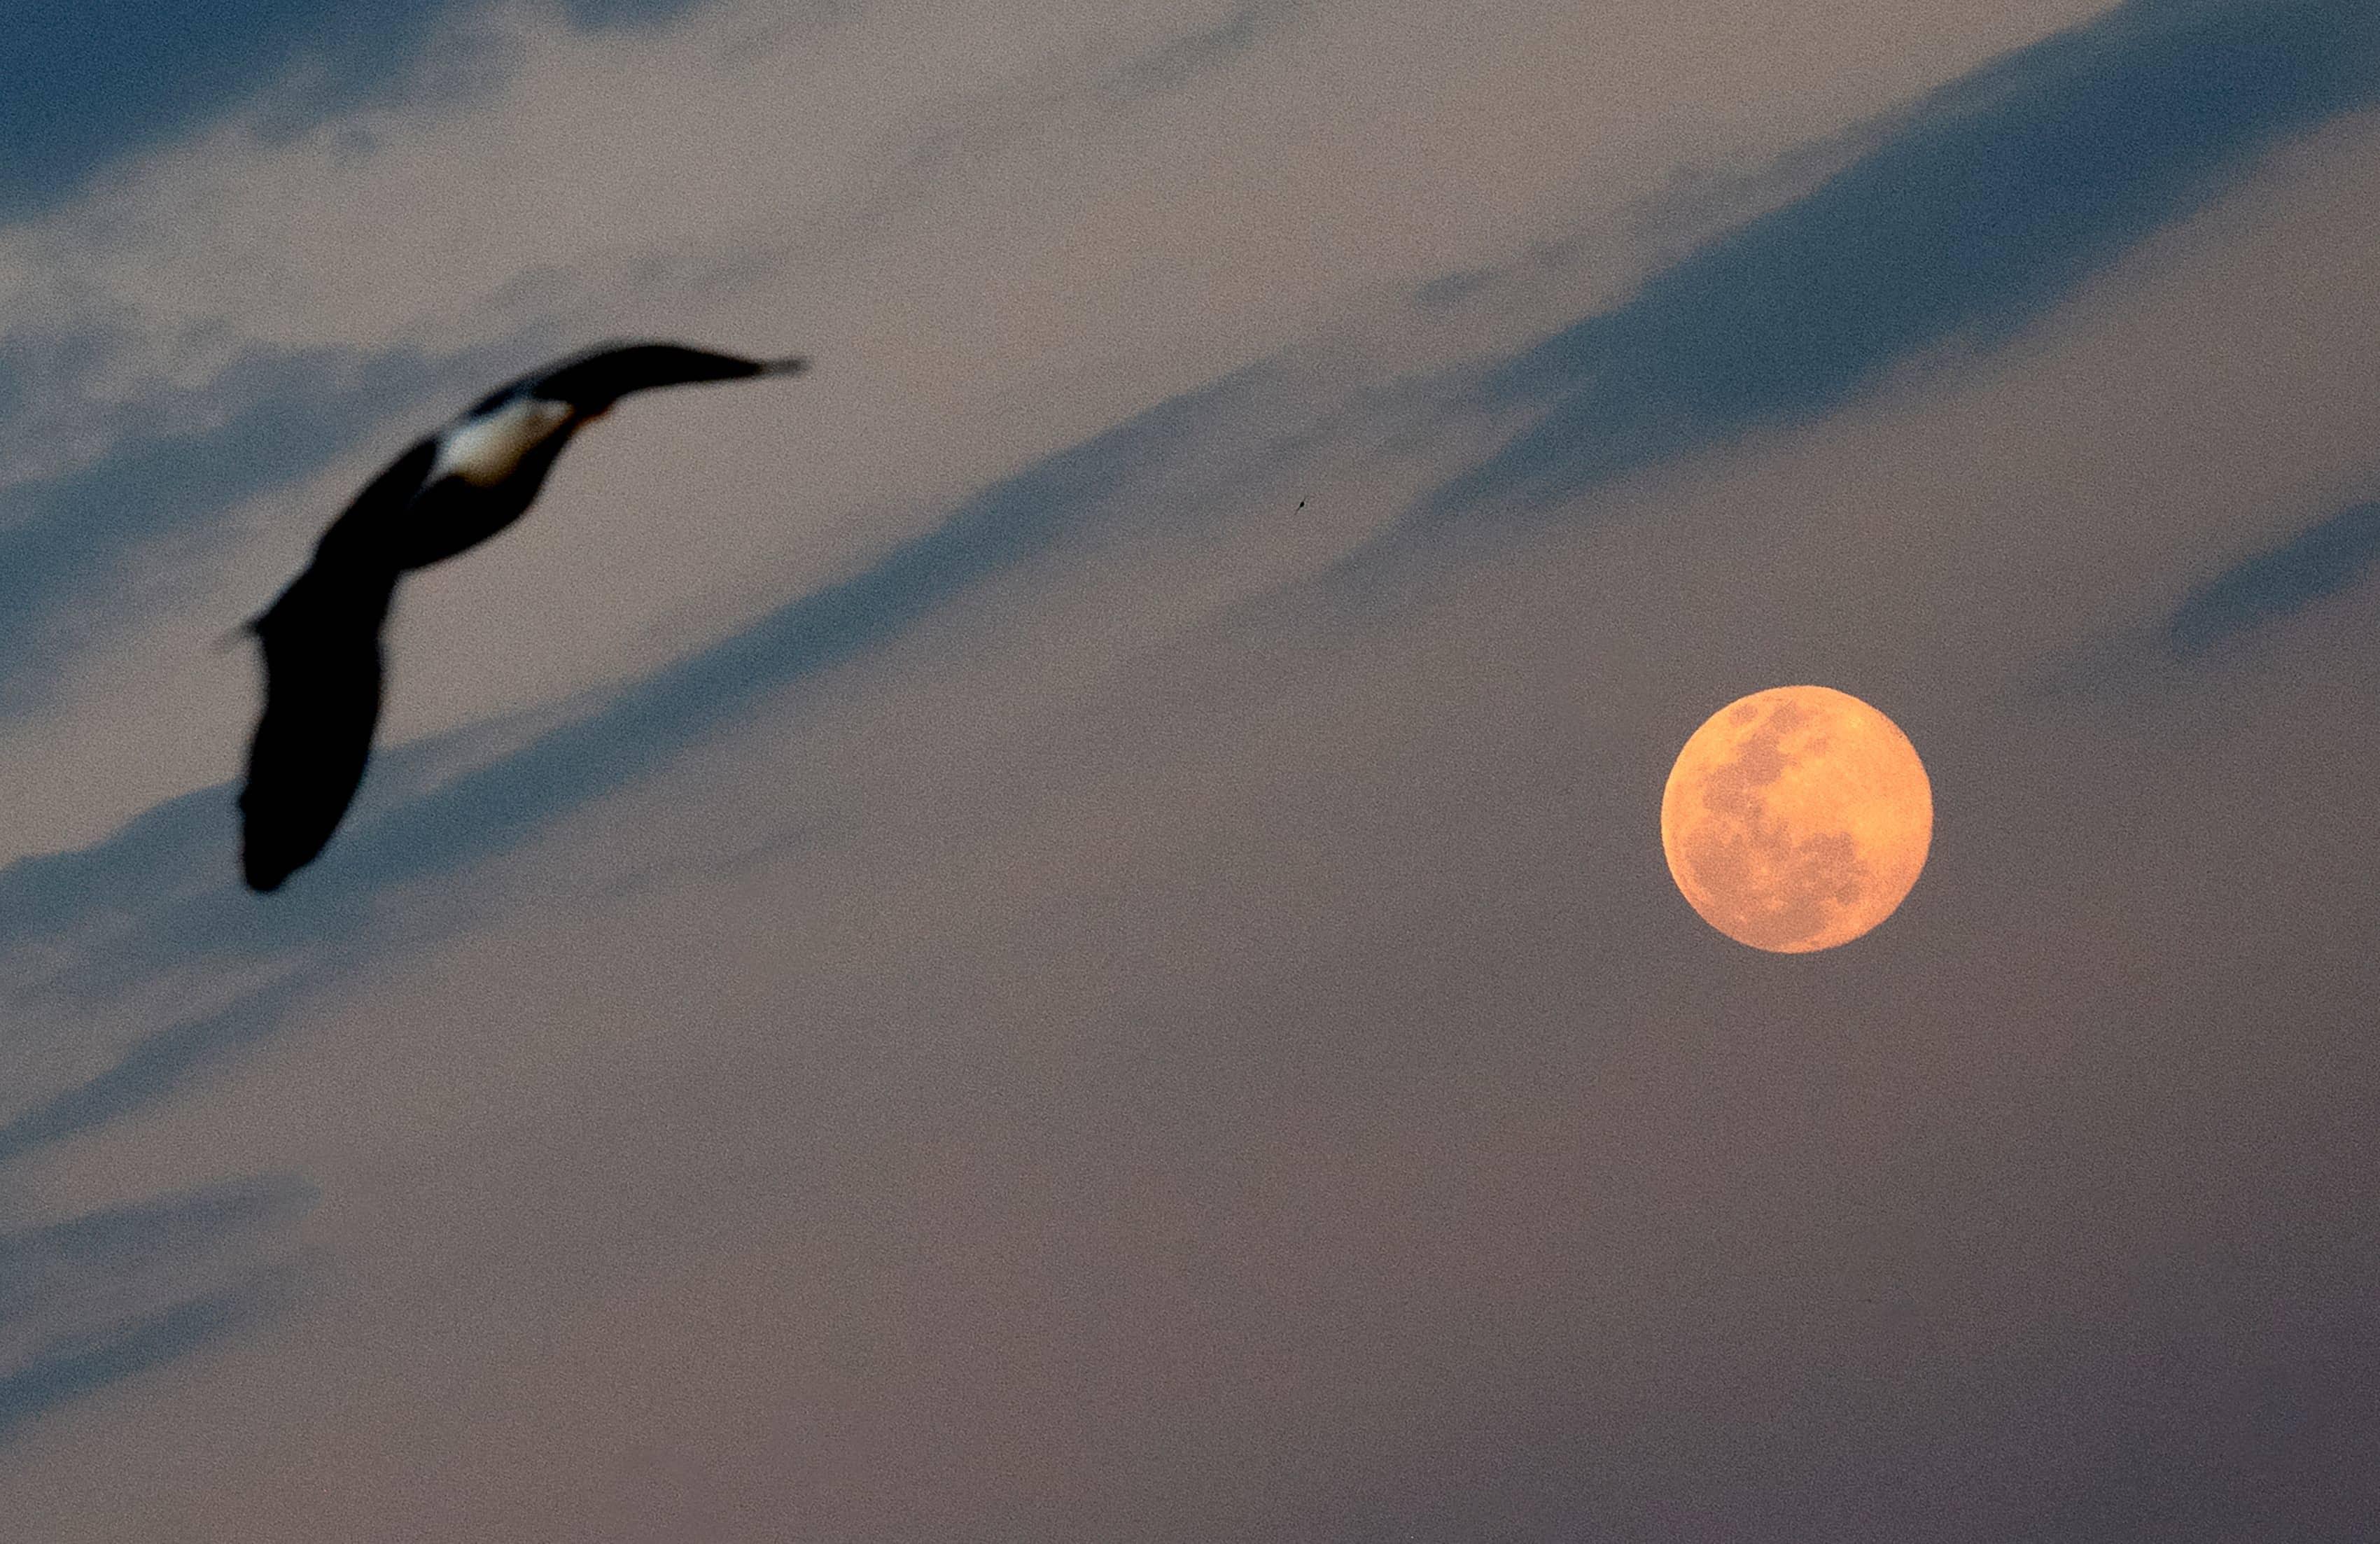 在義大利羅馬上空,老鷹與超級月亮組成魔幻的美景。(Getty Images)